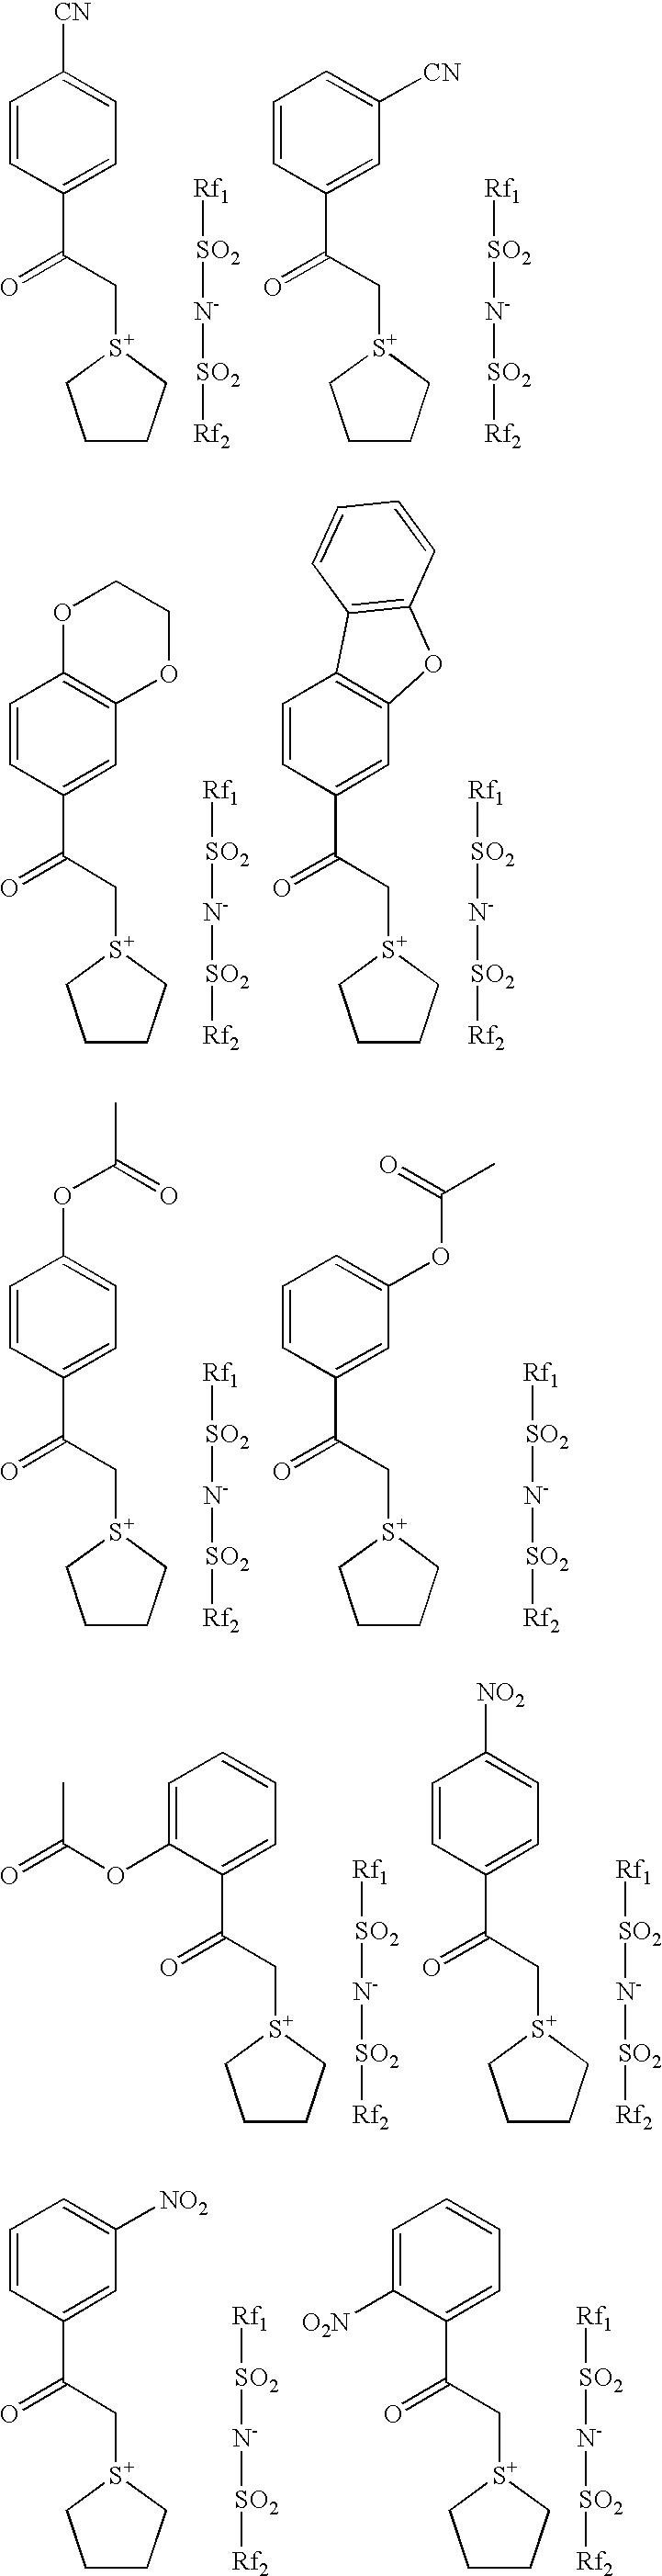 Figure US20030207201A1-20031106-C00011